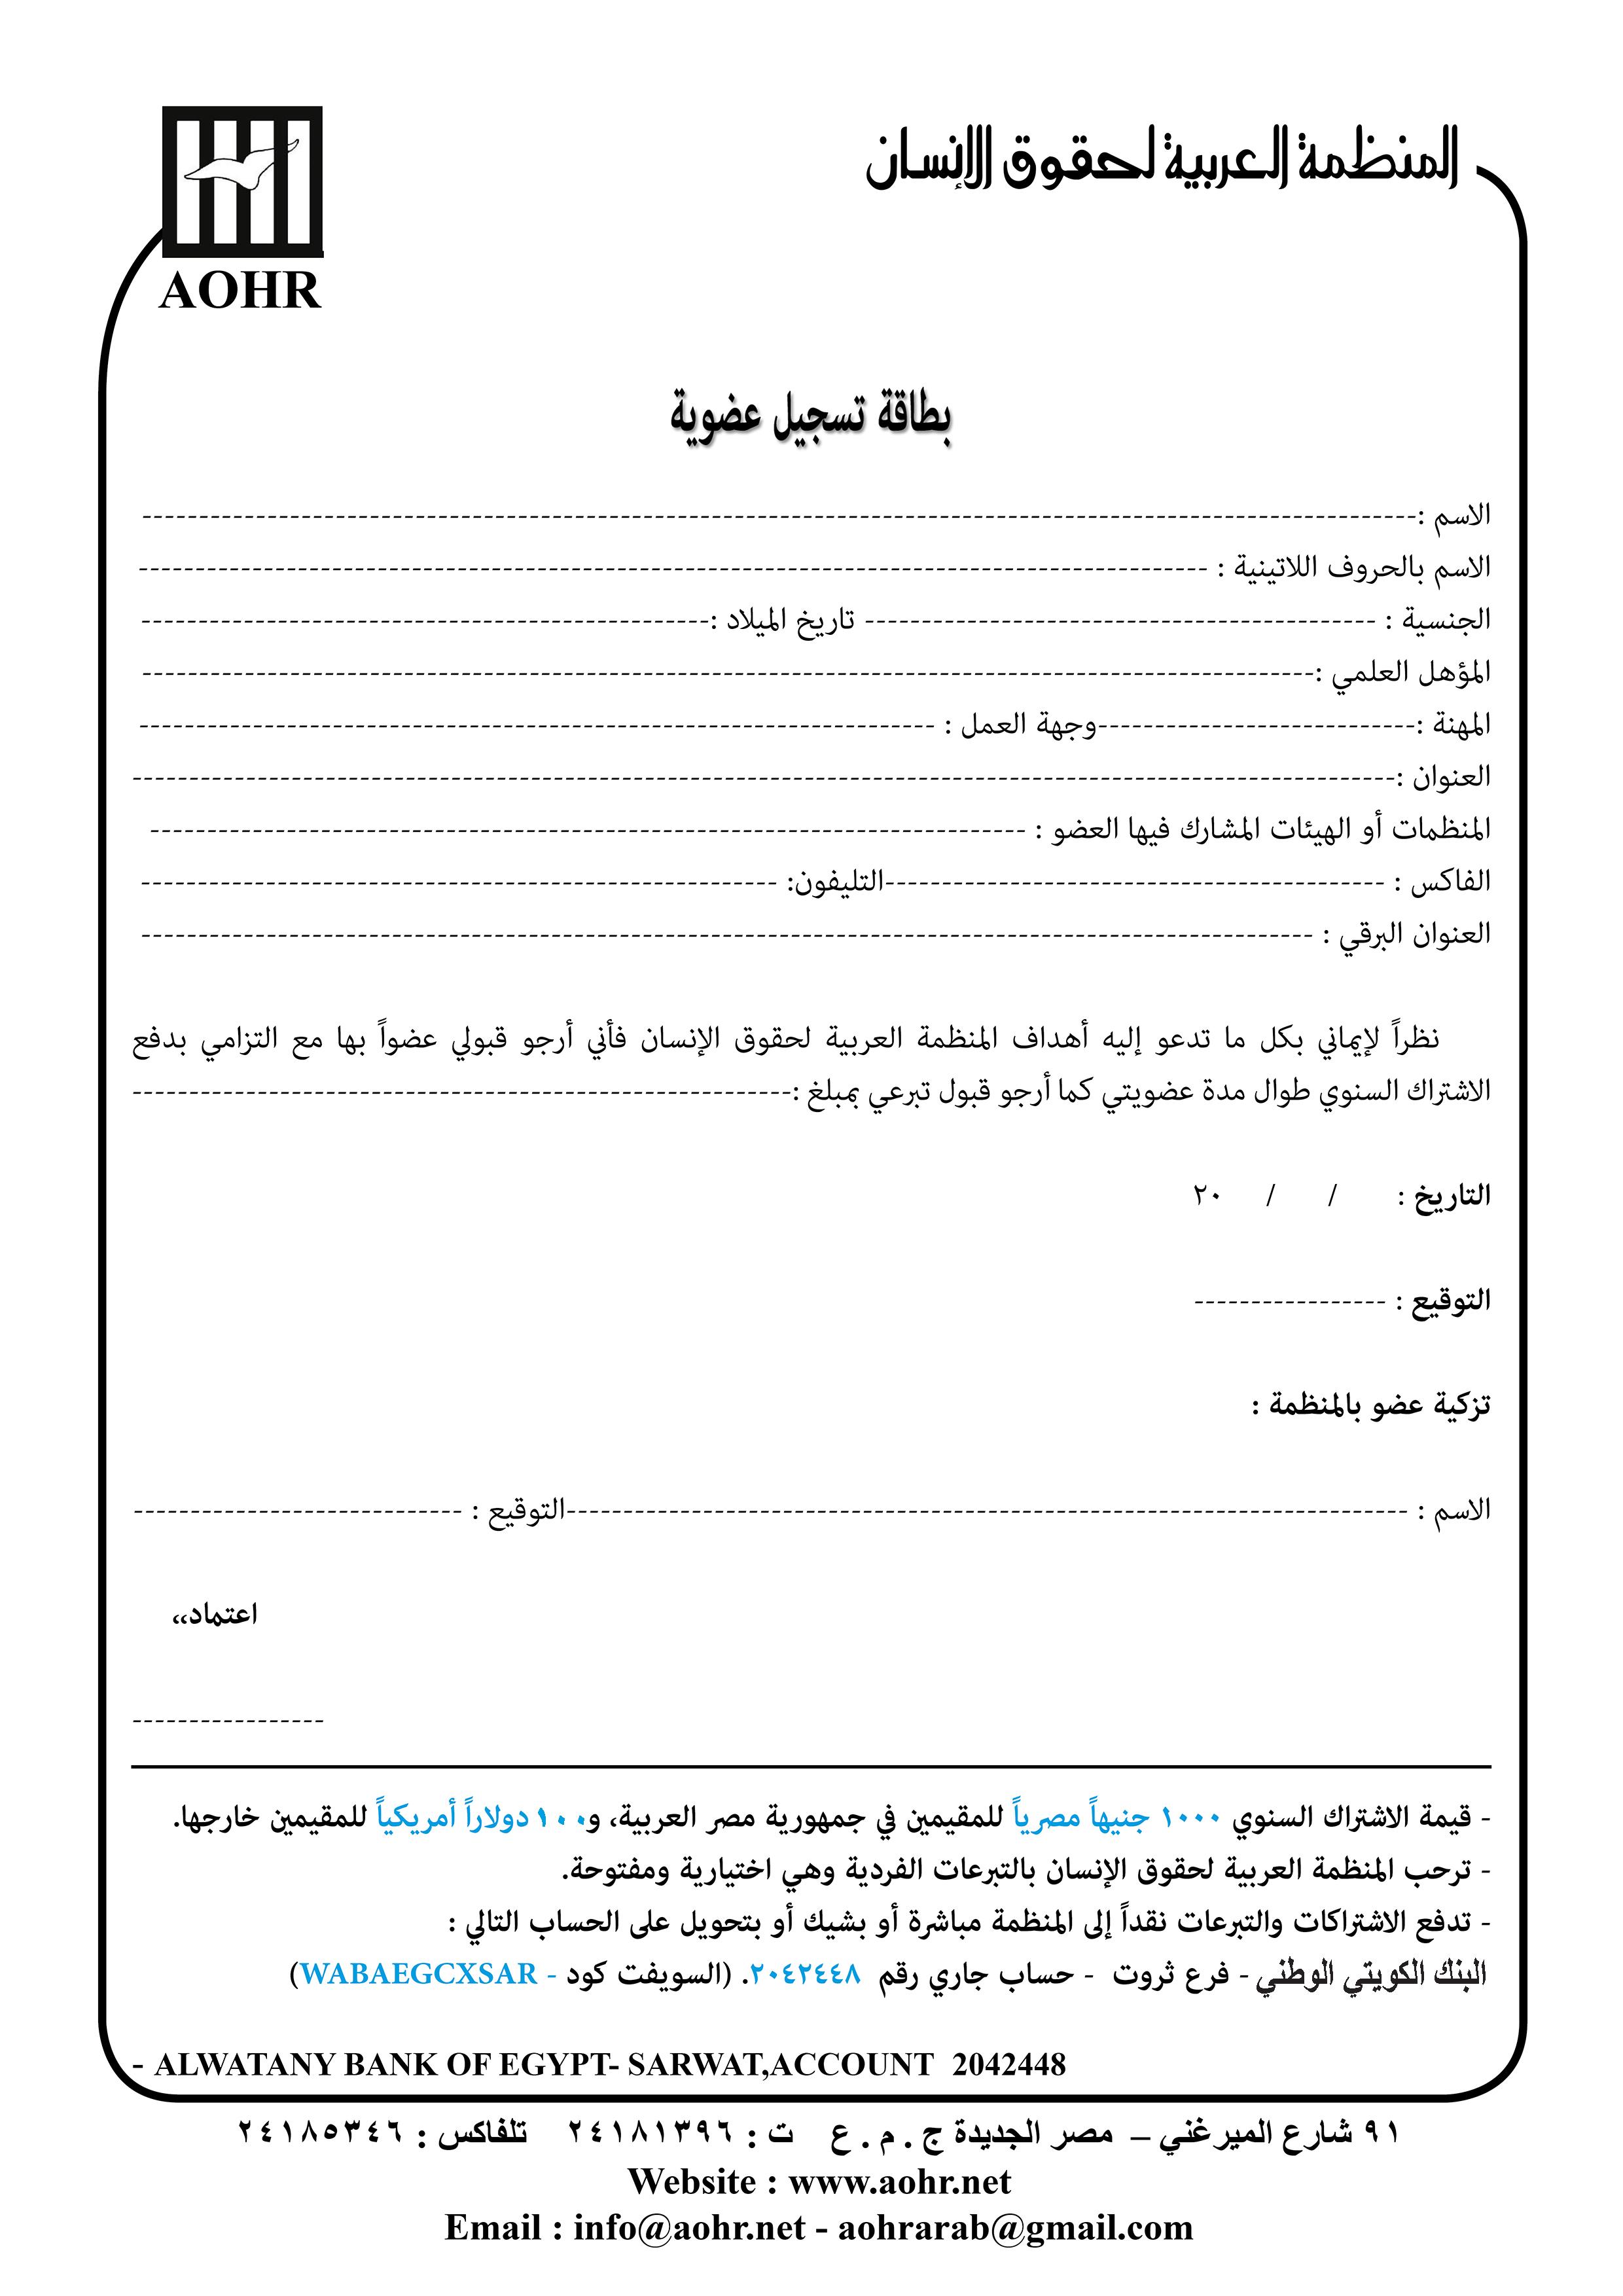 استمارة تسجيل عضوية للمنظمة